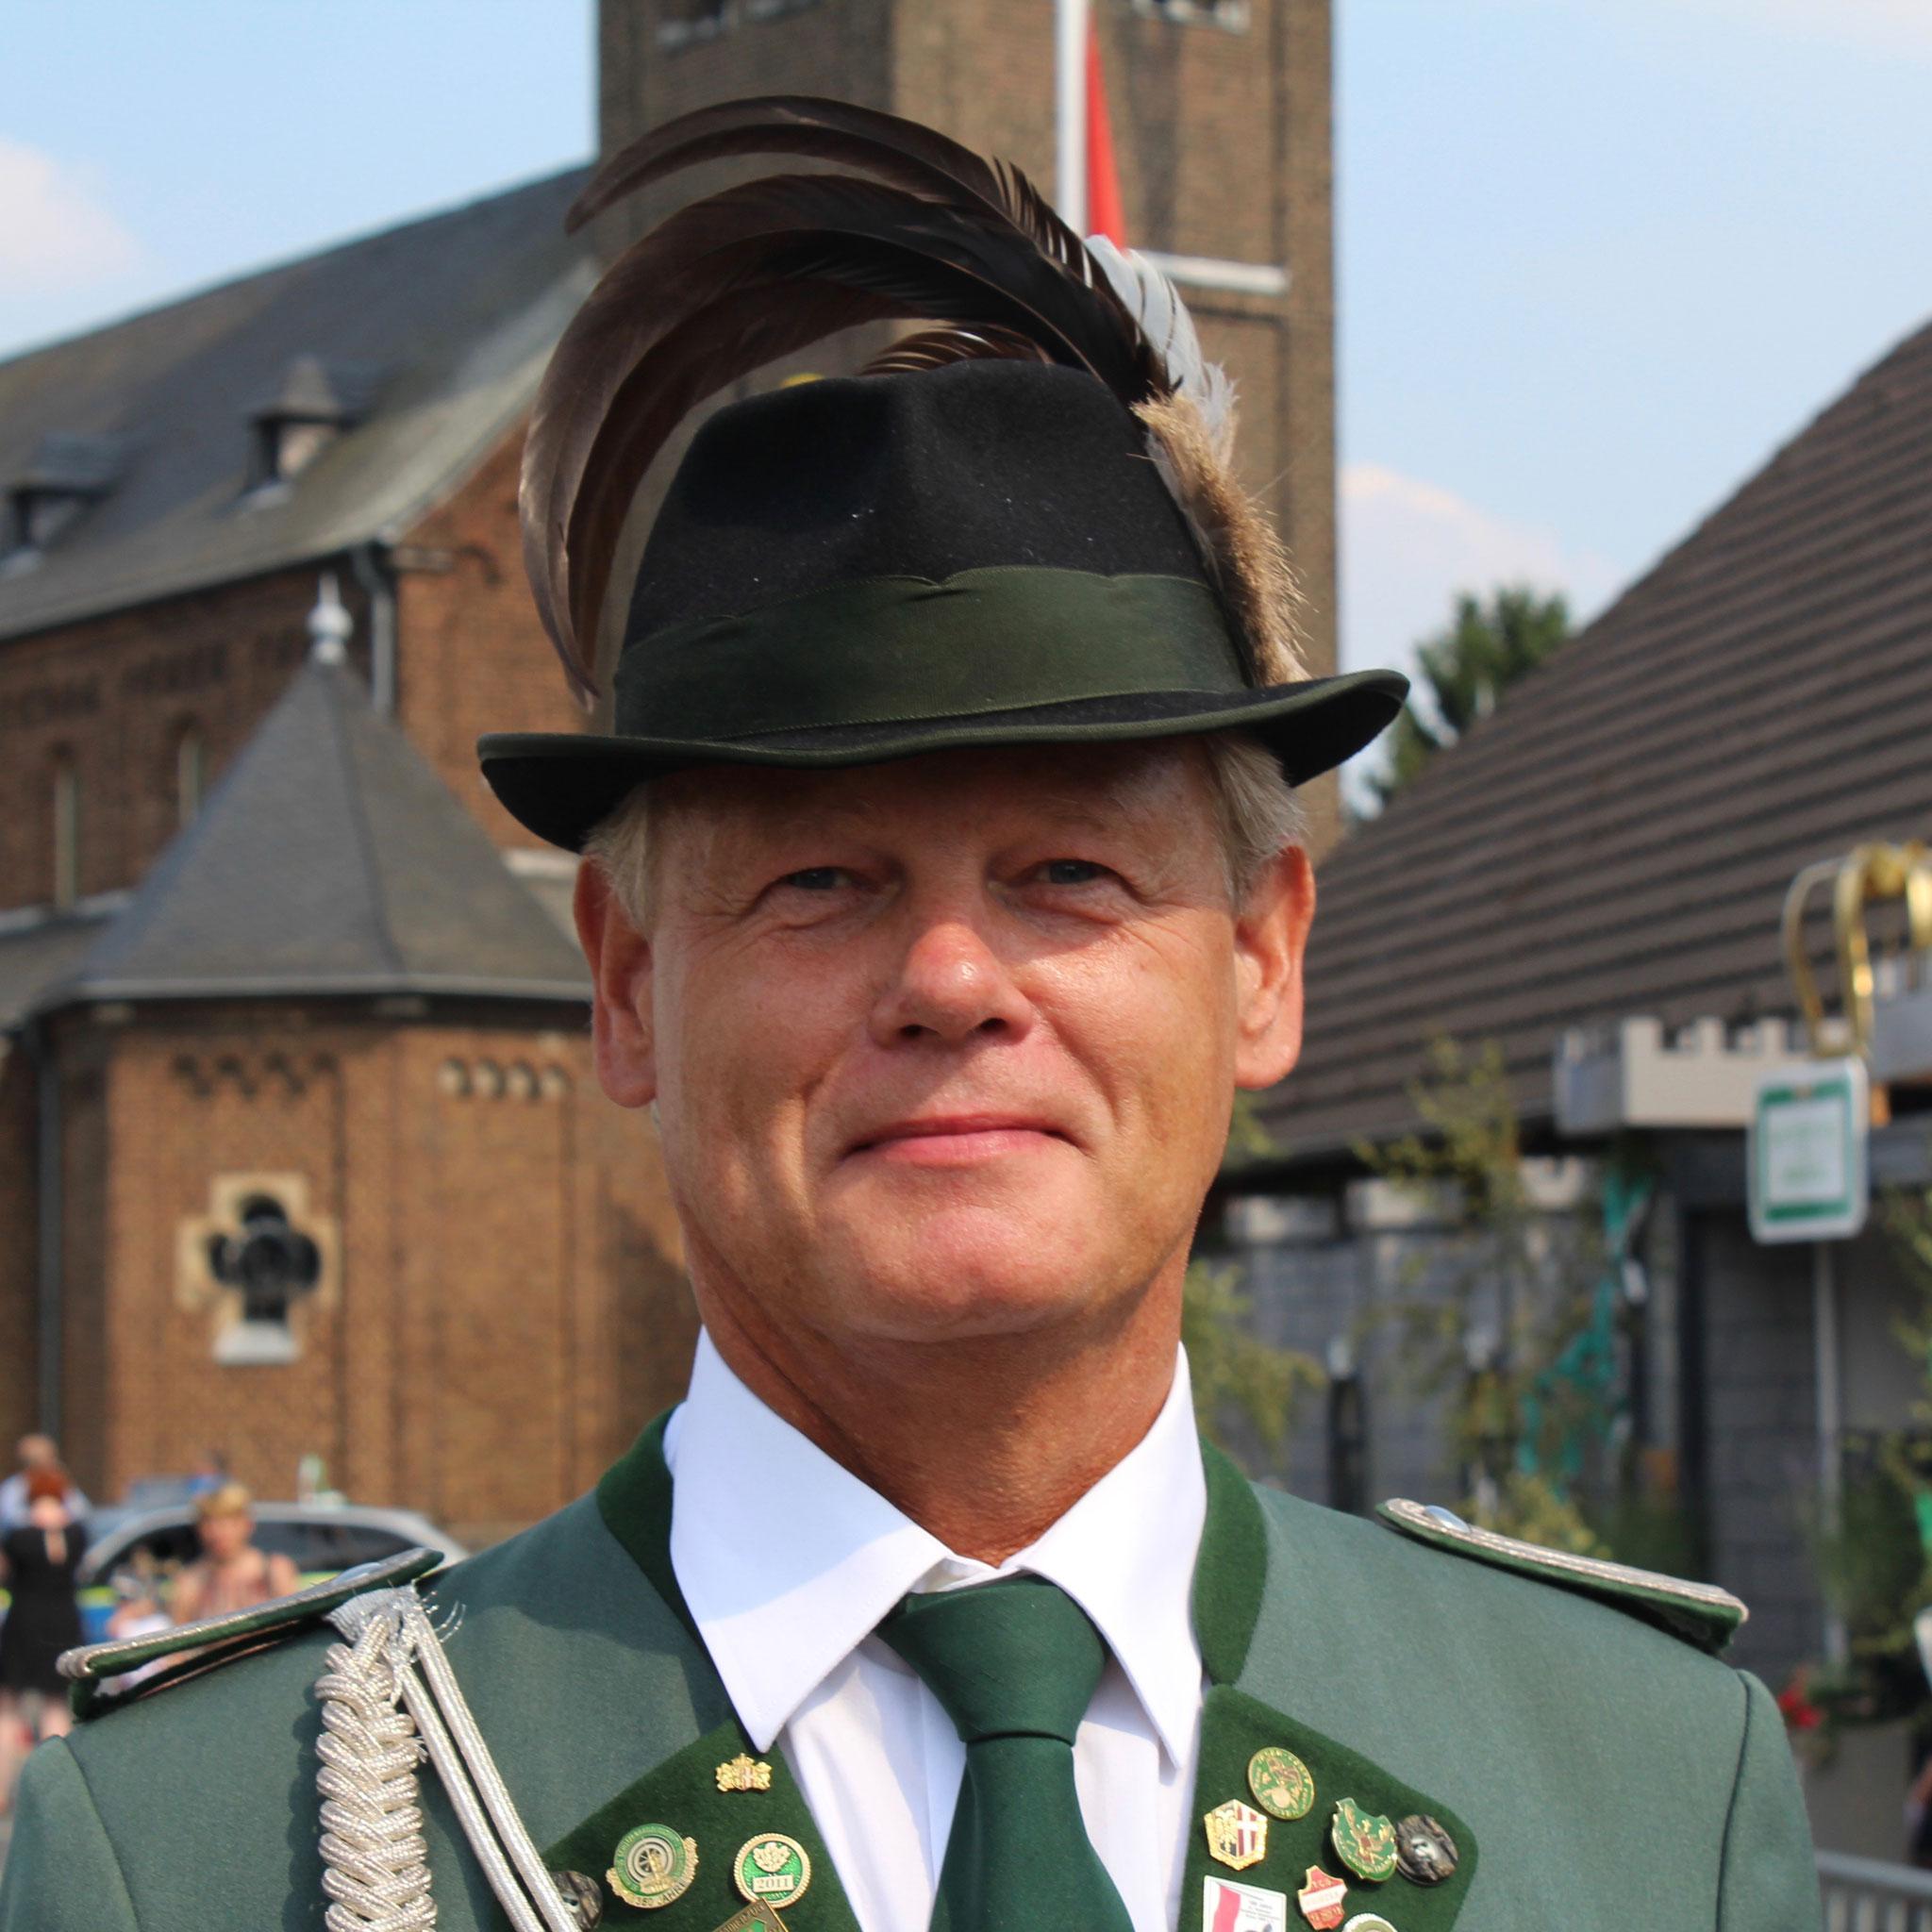 Klaus Schlemper (Leutnant)